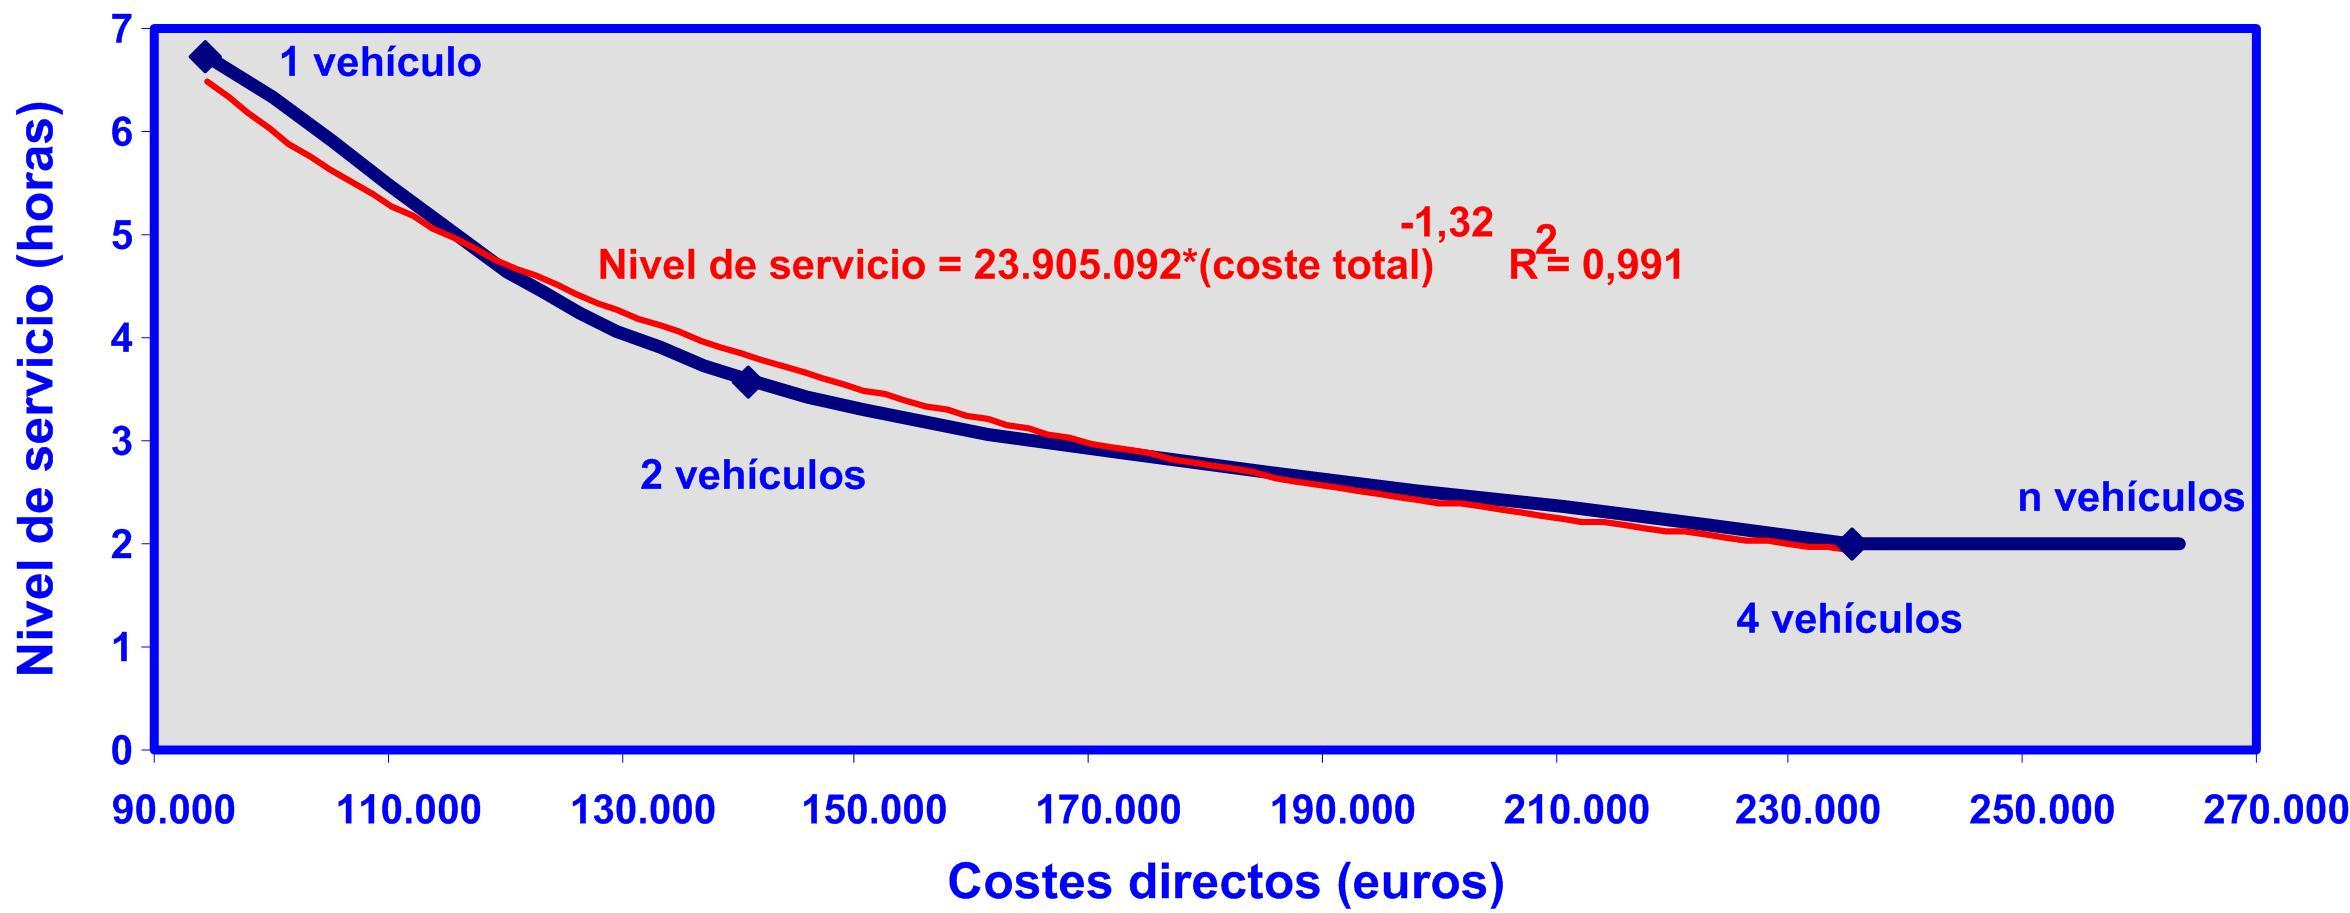 Gráfico 4 relación entre el nivel de servicio y el coste total para el caso A 31082015 Nivel de servicio coste total